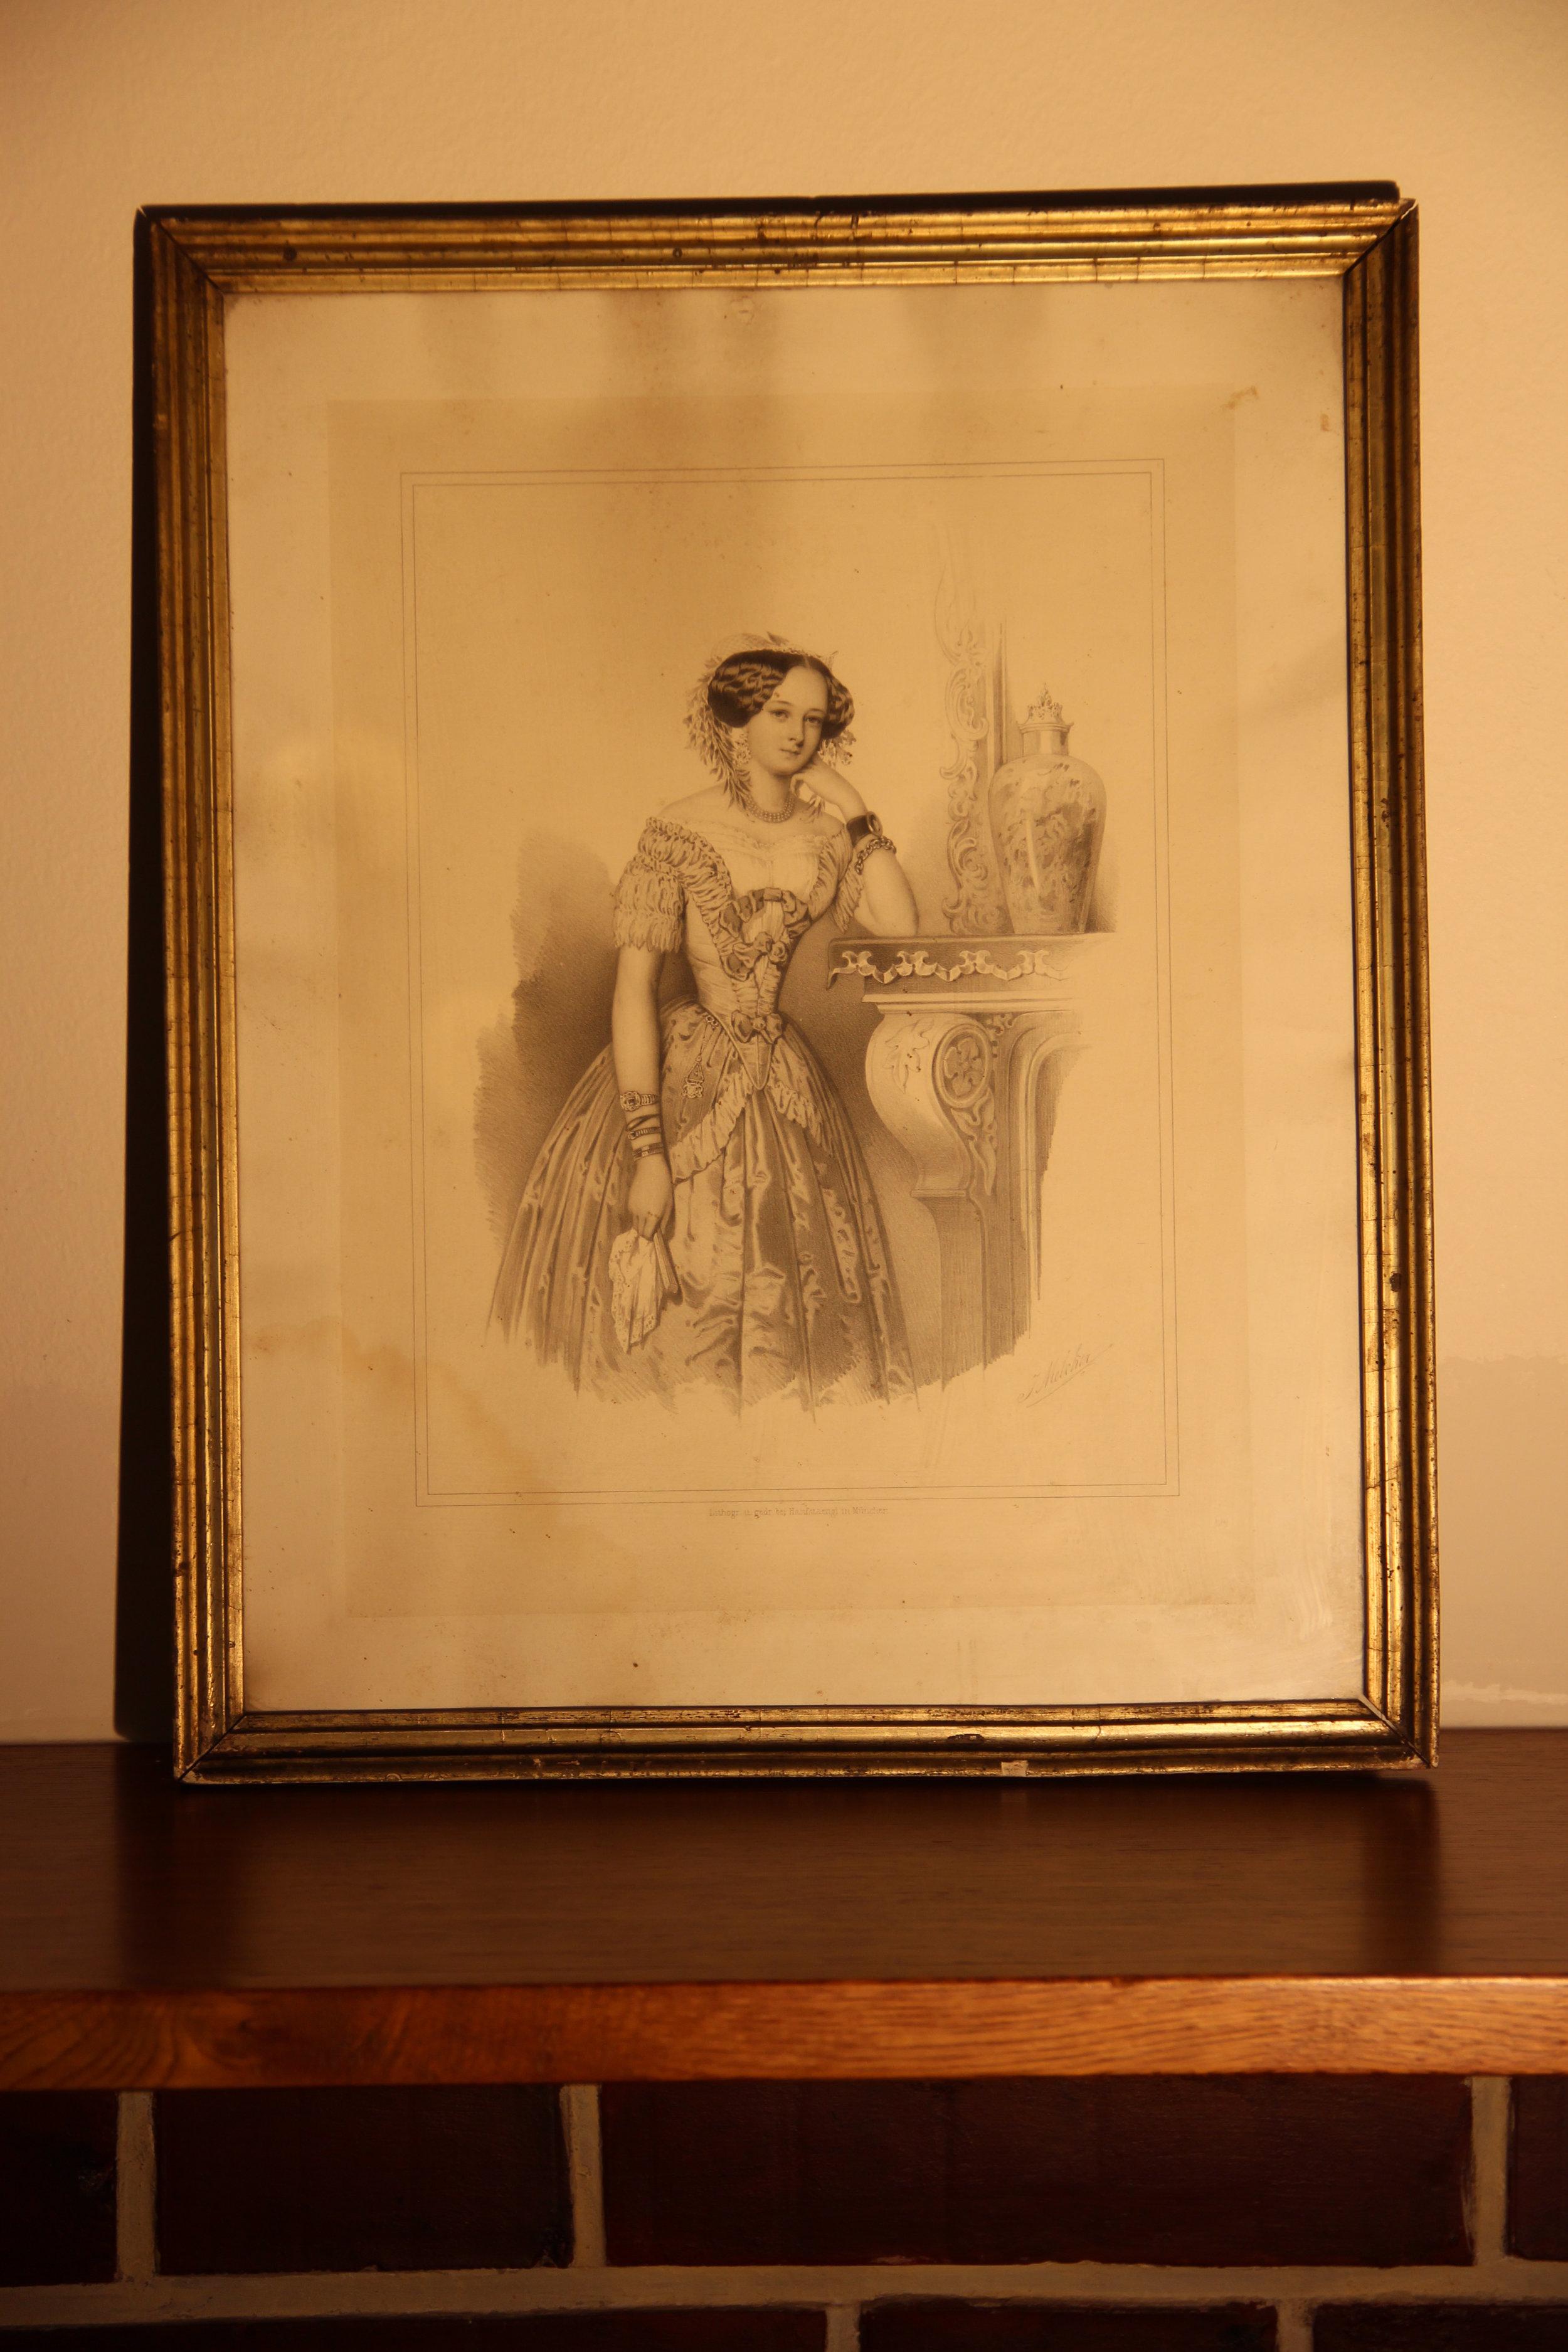 28. Obraz dámy, Melcher litografie, vyvolávací cena 1500,- Kč